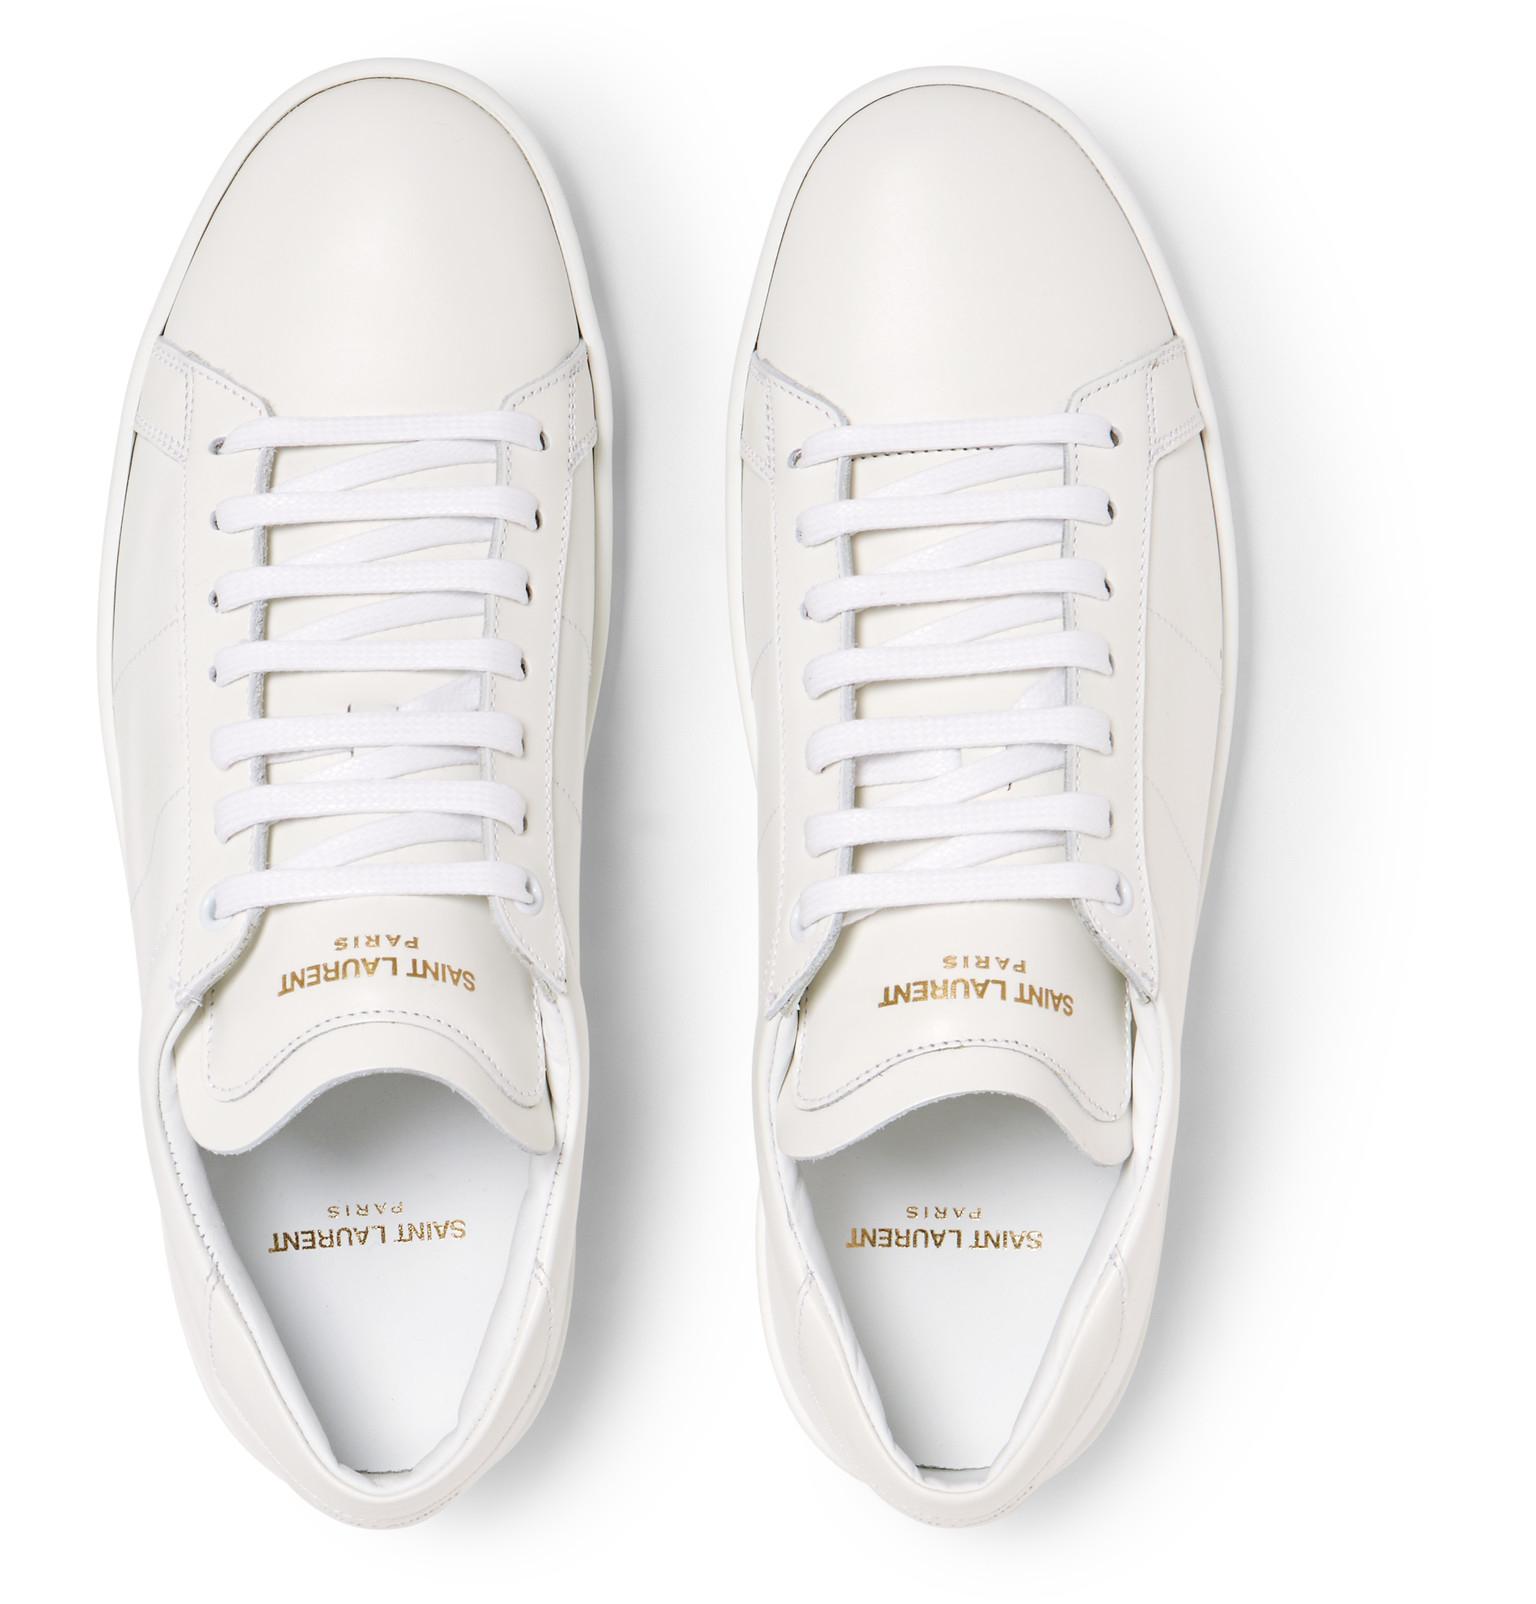 SL/01 leather sneakers Saint Laurent Jv8Pl